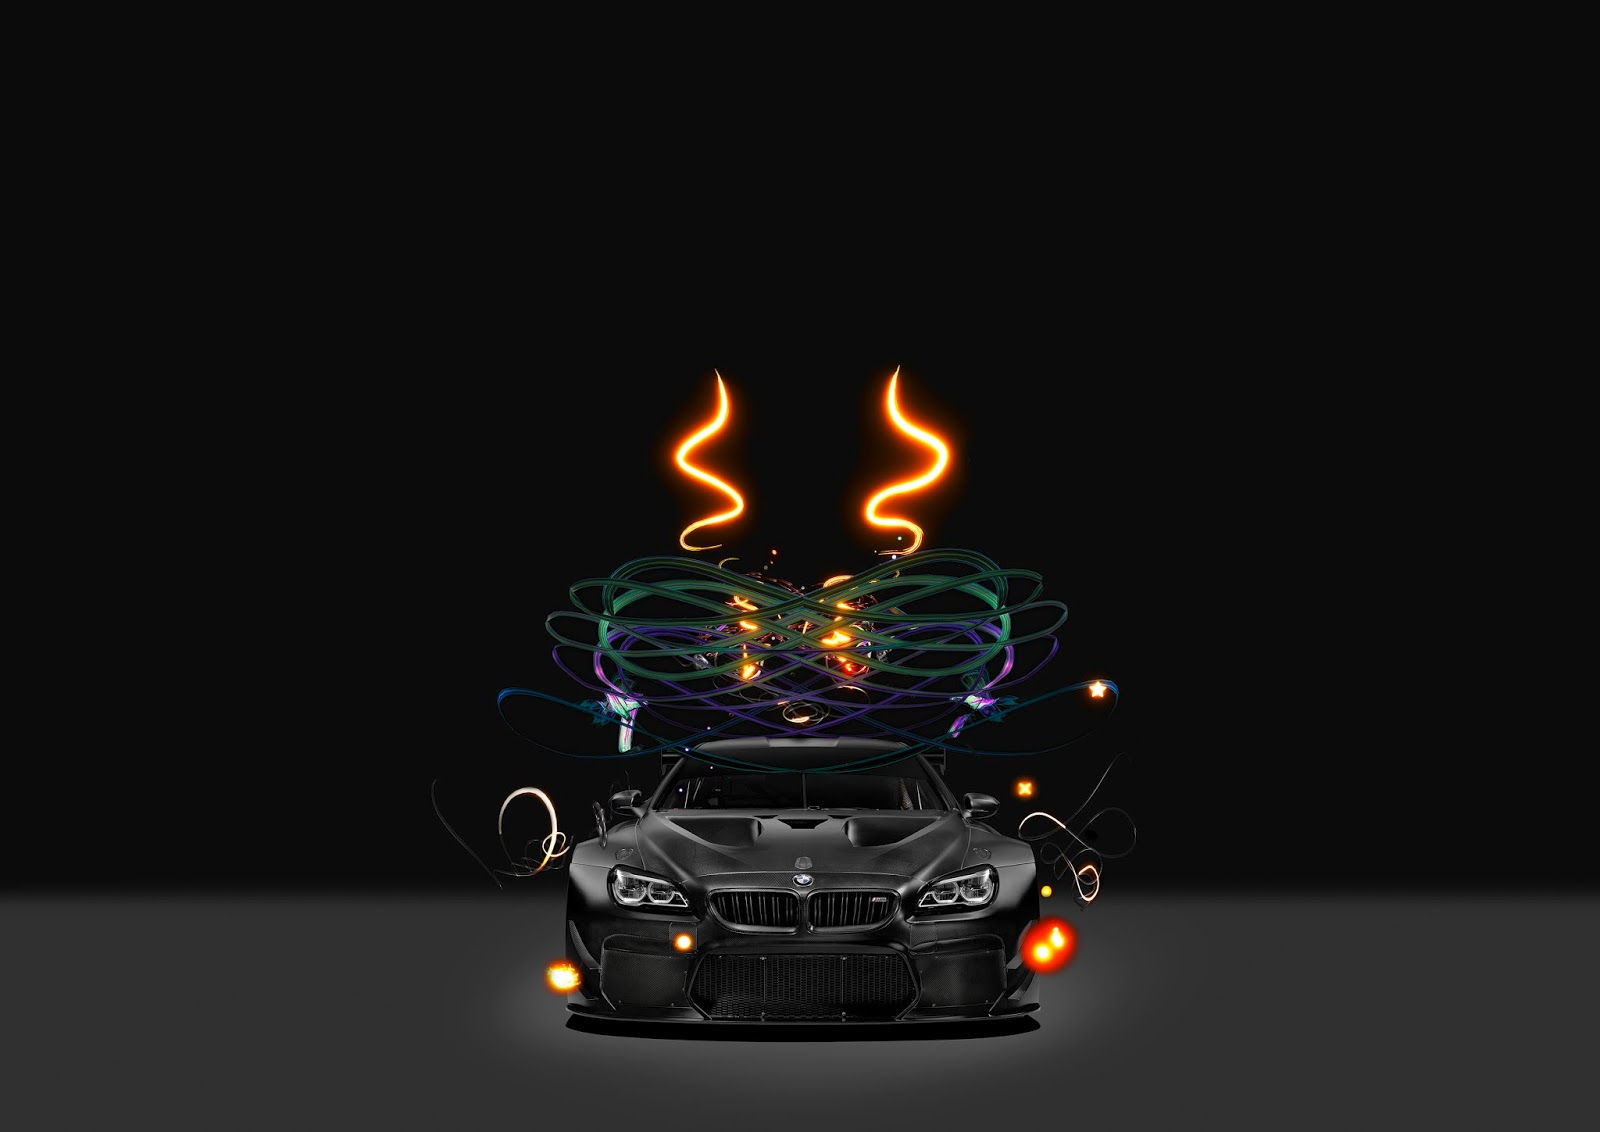 P90259900 highRes bmw art car 18 by ca 1 Μια BMW M6 GT3 το πρώτο ψηφιακό Art Car Art, BMW, Bmw Art Car, BMW M6 GT3